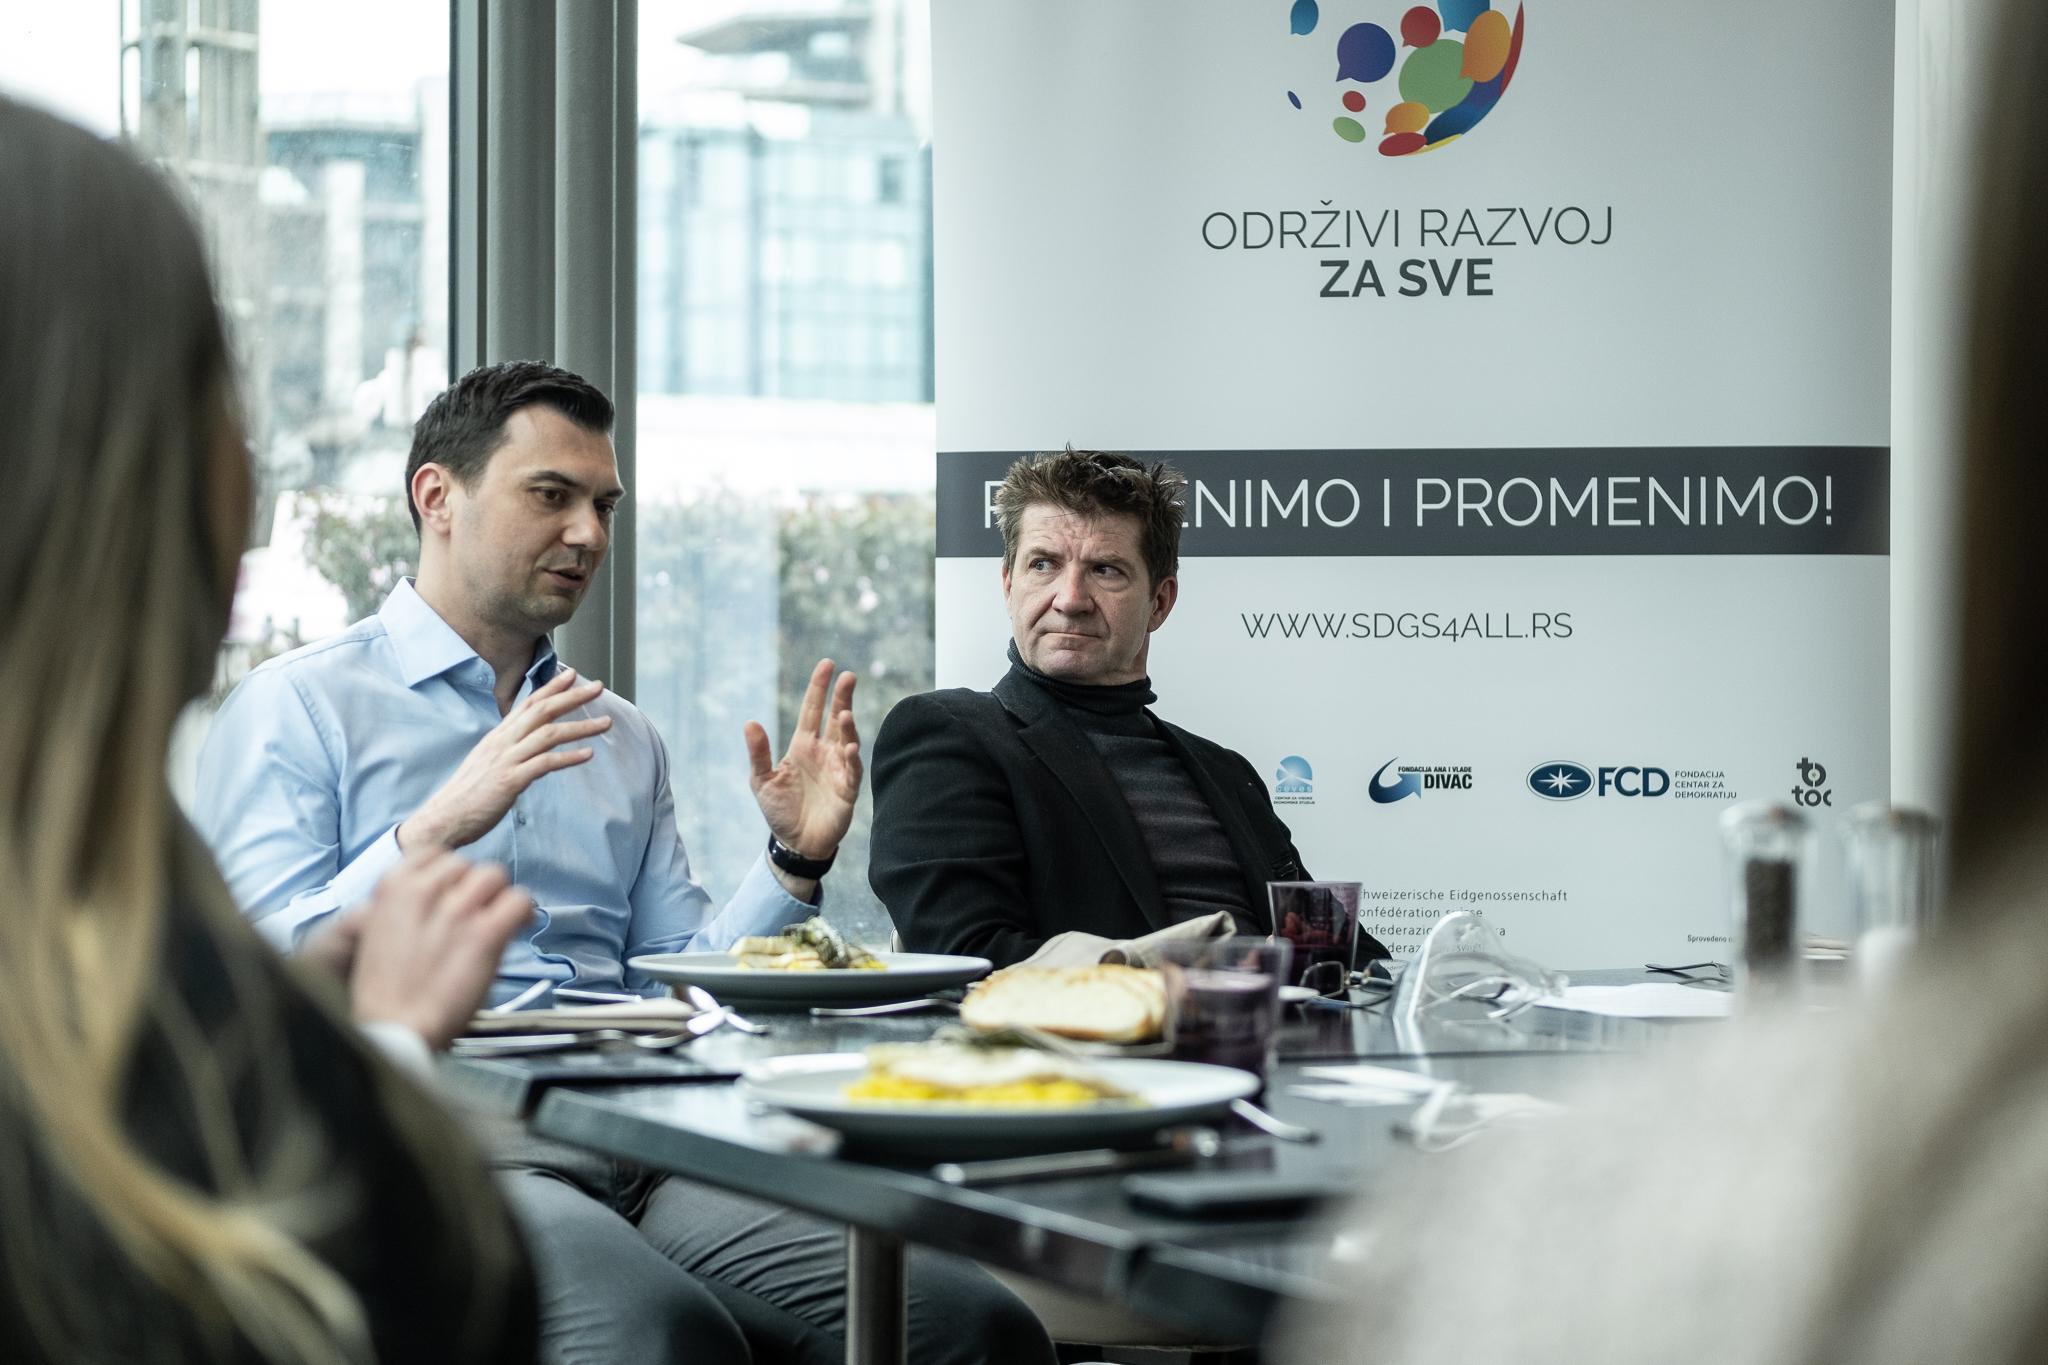 Razmena iskustva i poslovno povezivanje u cilju sprovođenja Agende 2030